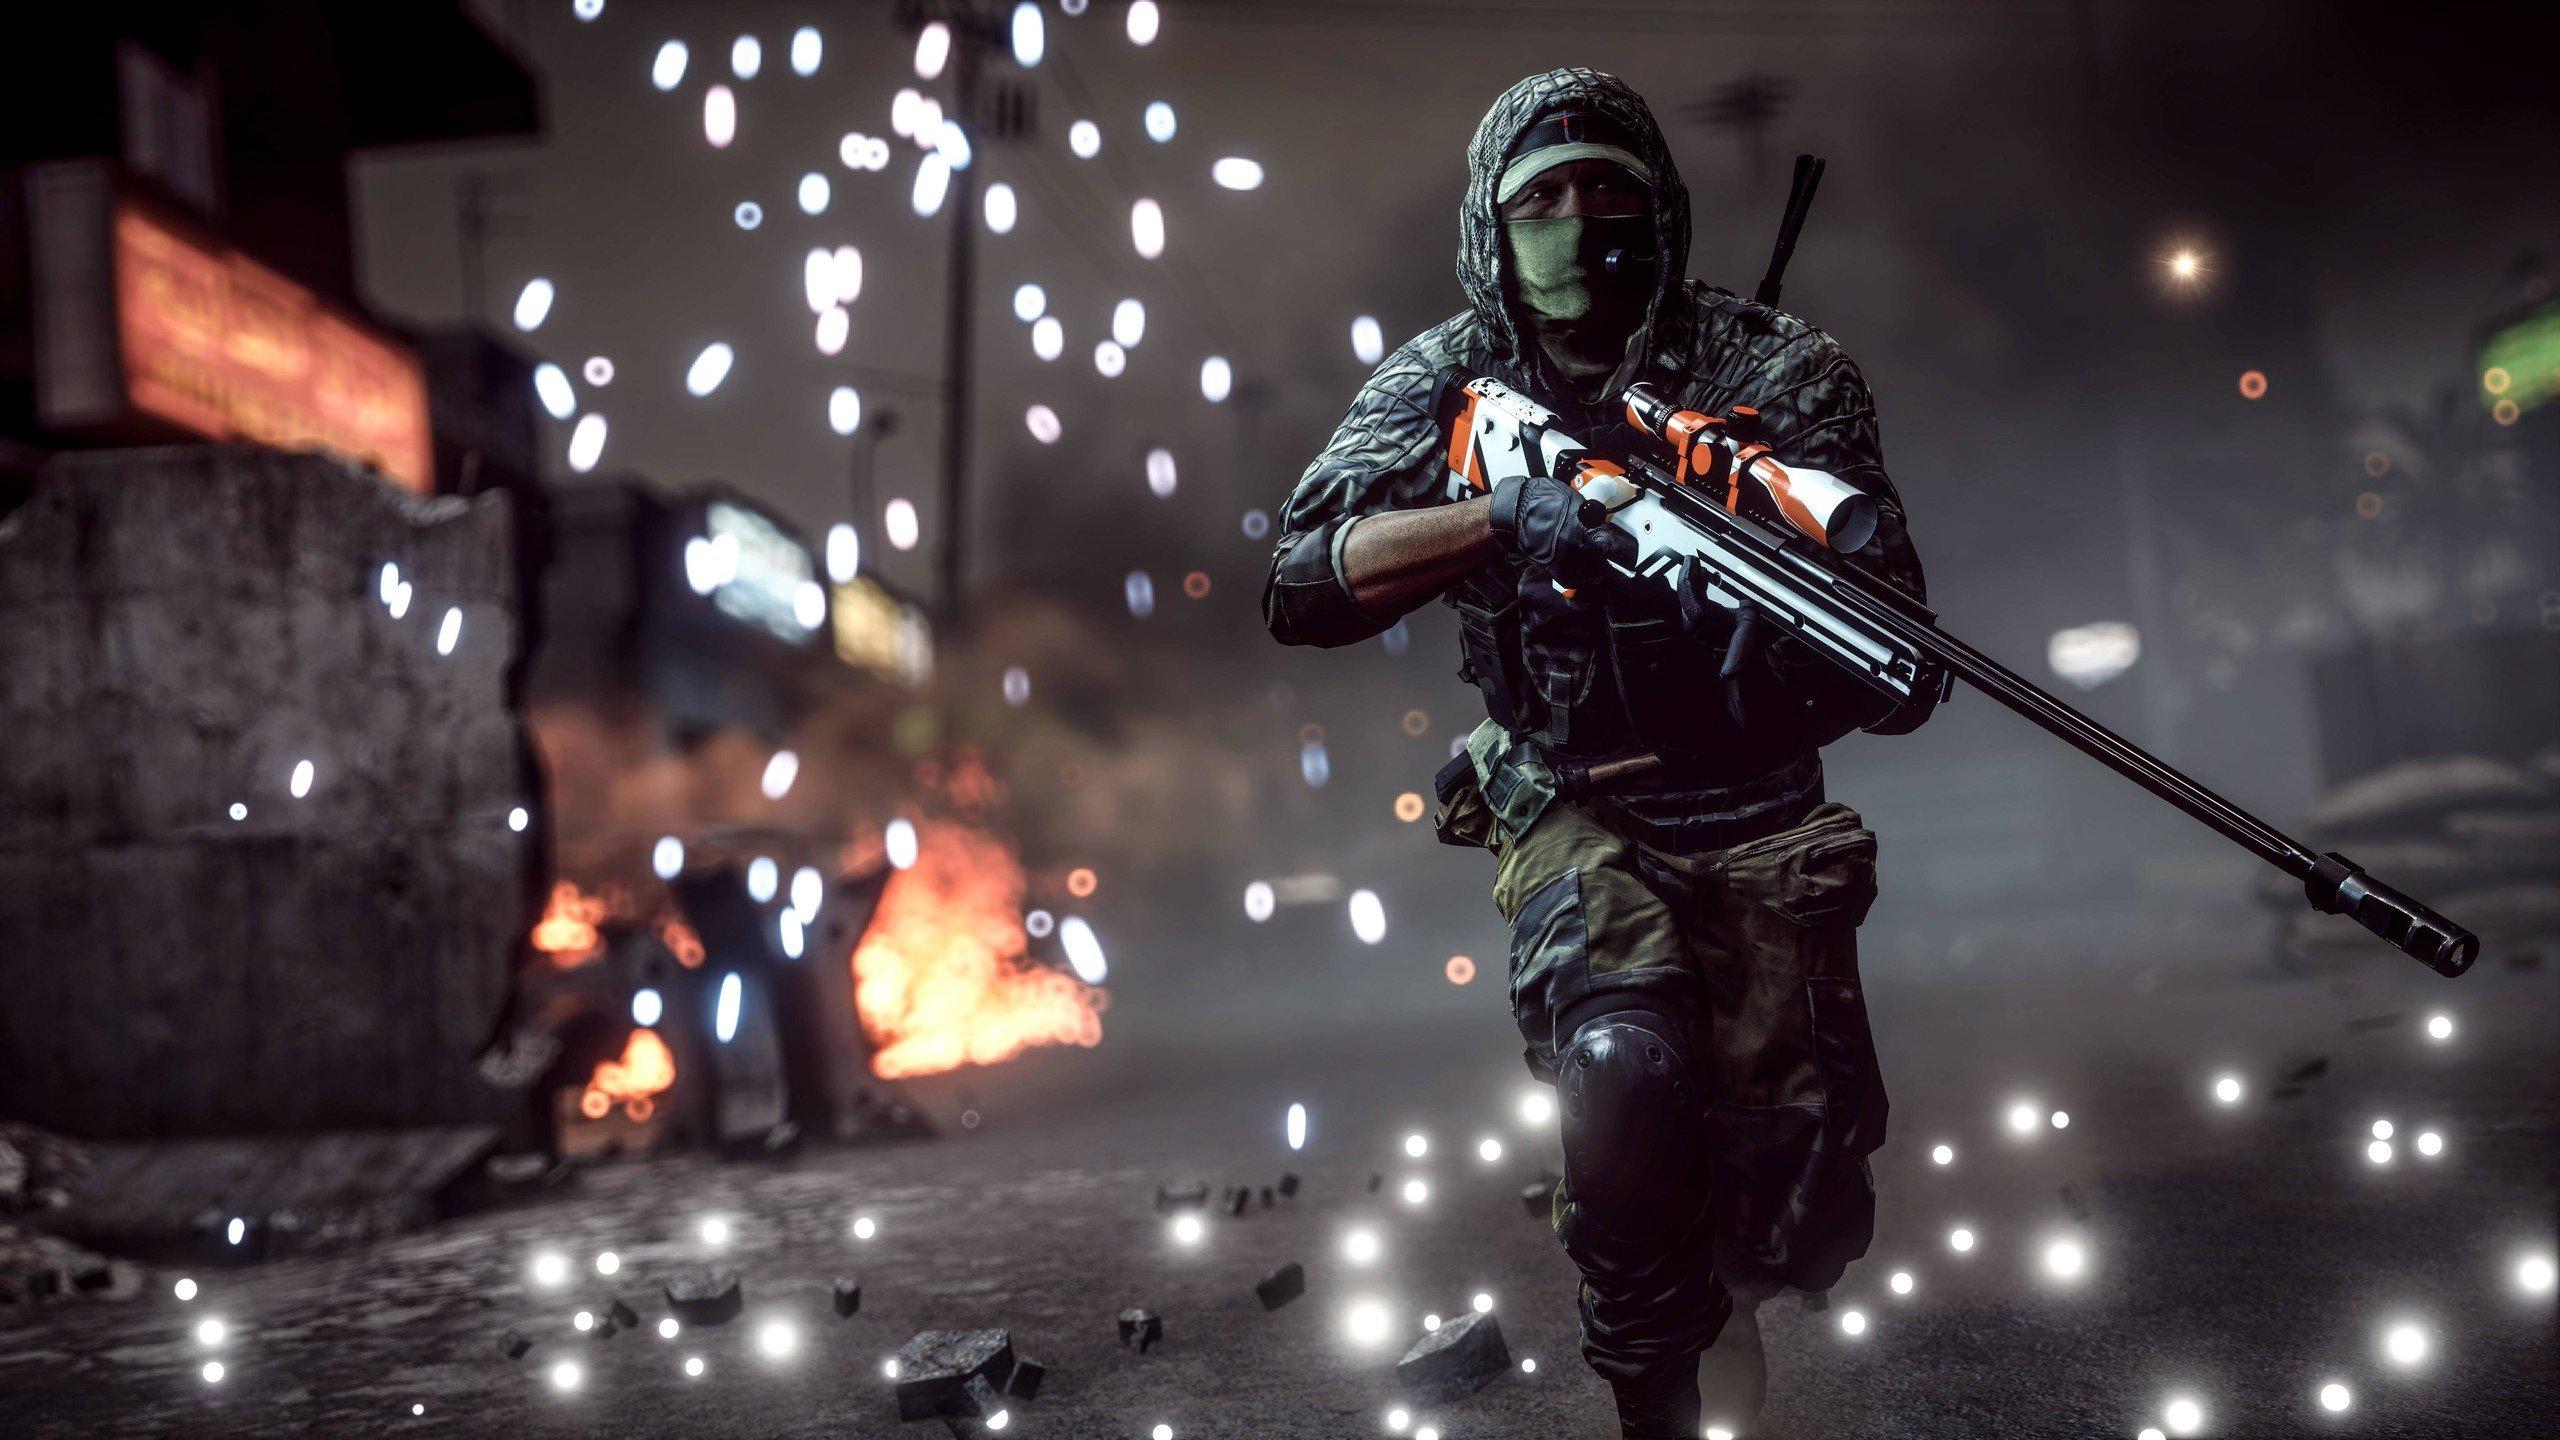 Battlefield 4 Oyunu 4K Bilgisayar duvar kağıdı